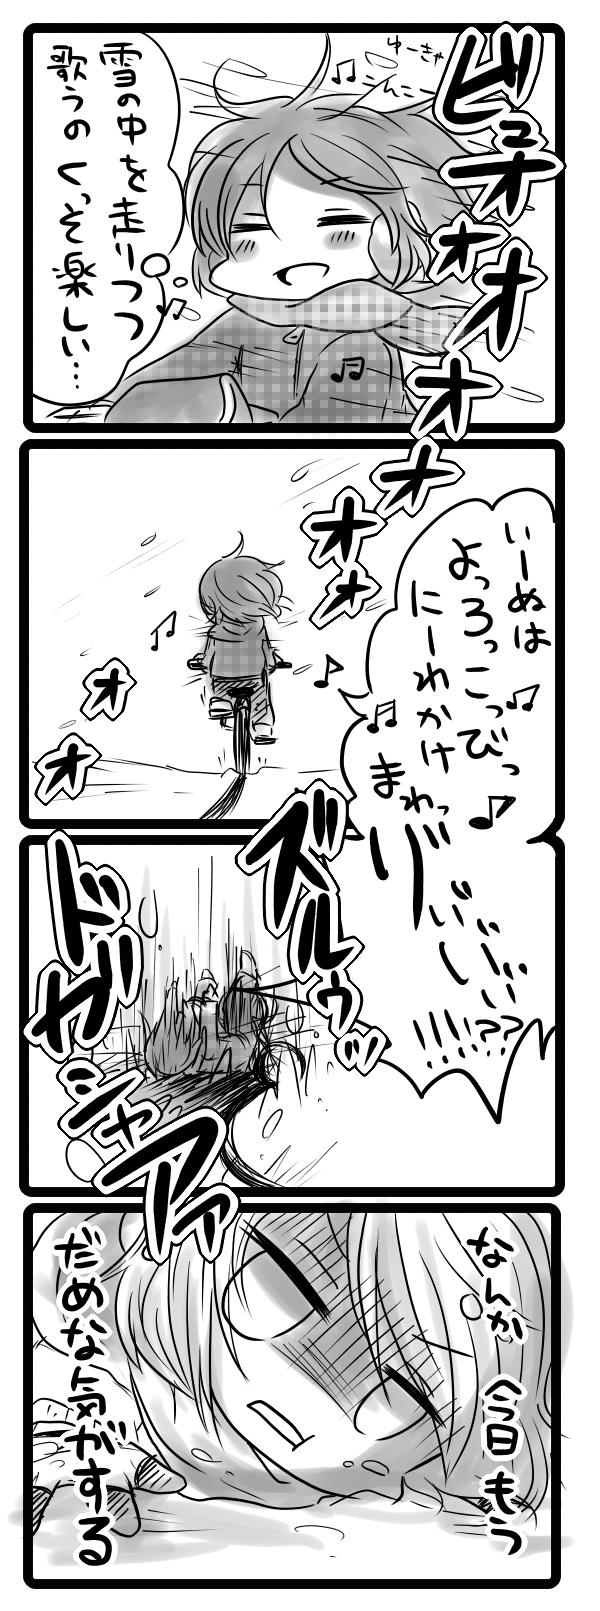 yukiyakonko.jpg